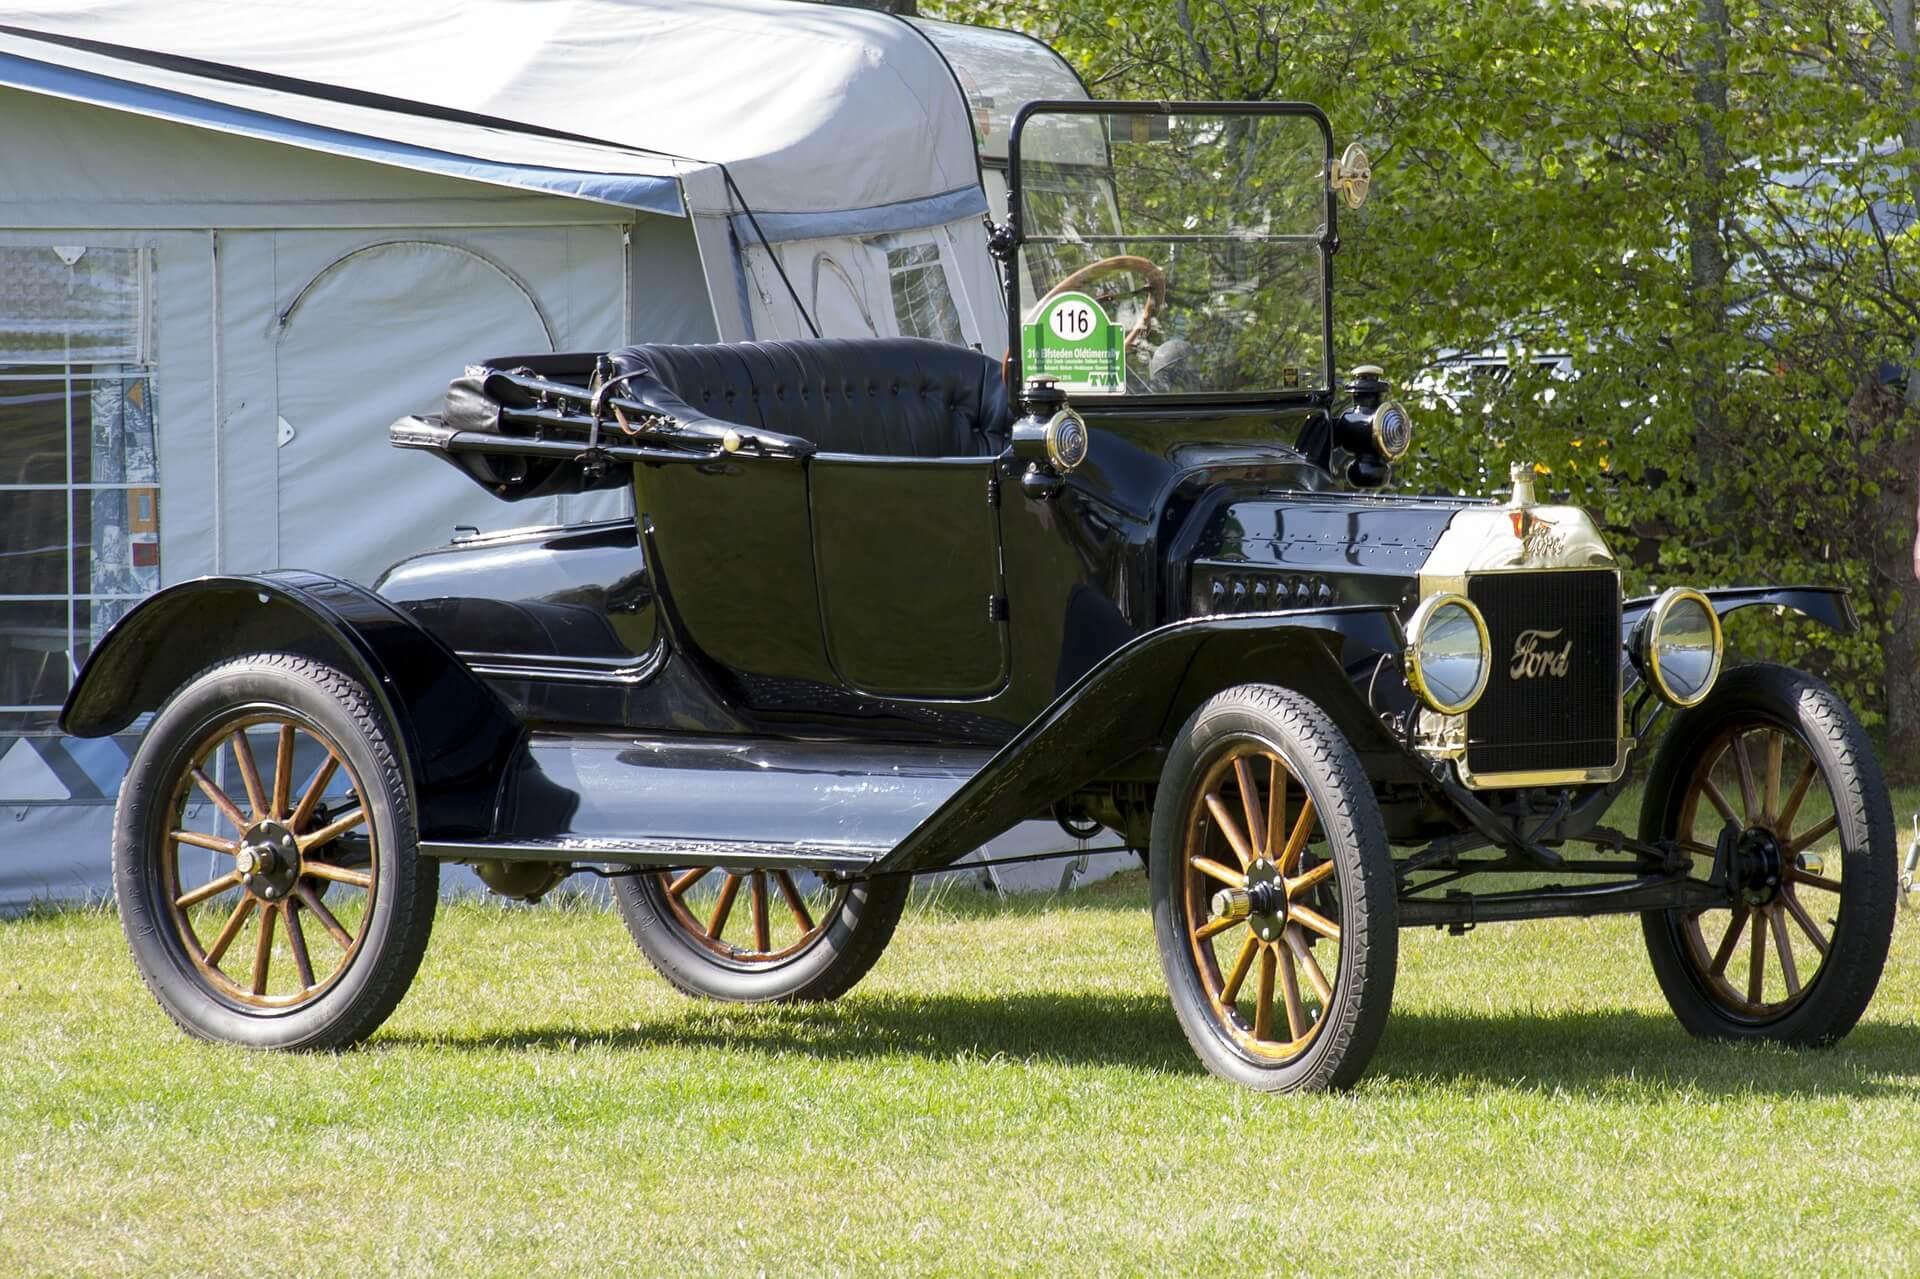 Det gjordes fina bilar för 100 år sedan. Dags att köpa ny bil?